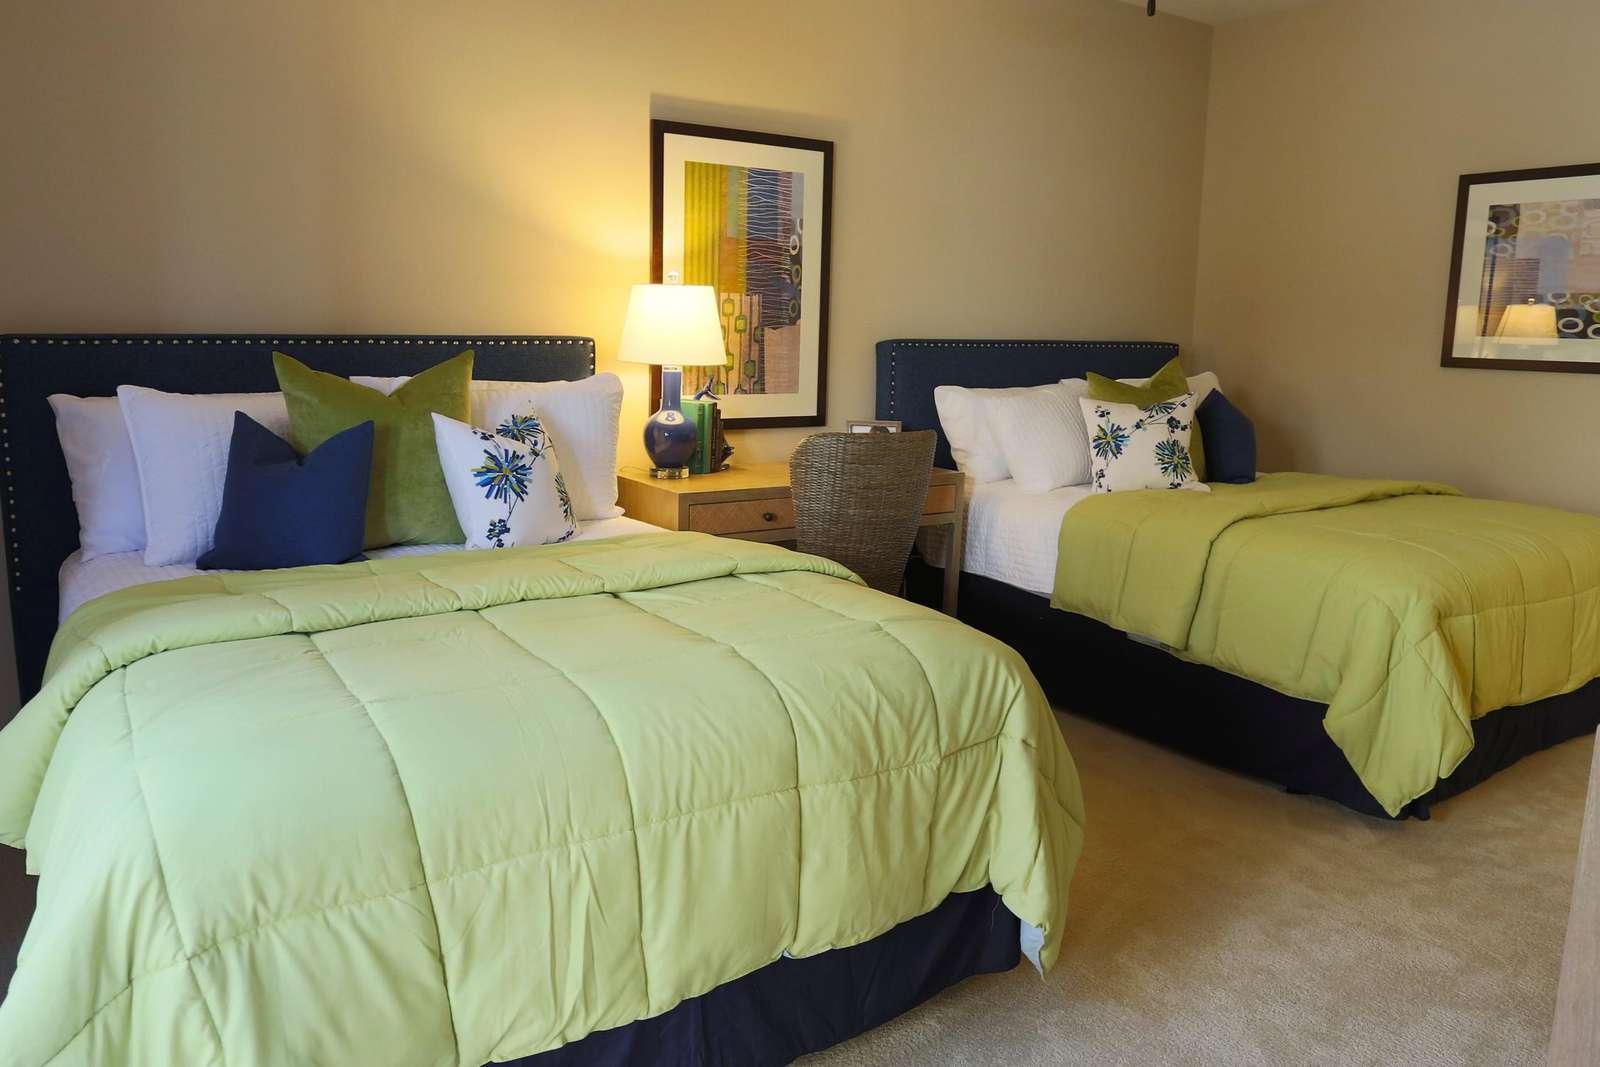 Guest Bedroom with two queen beds, walk in closet, 4K TV